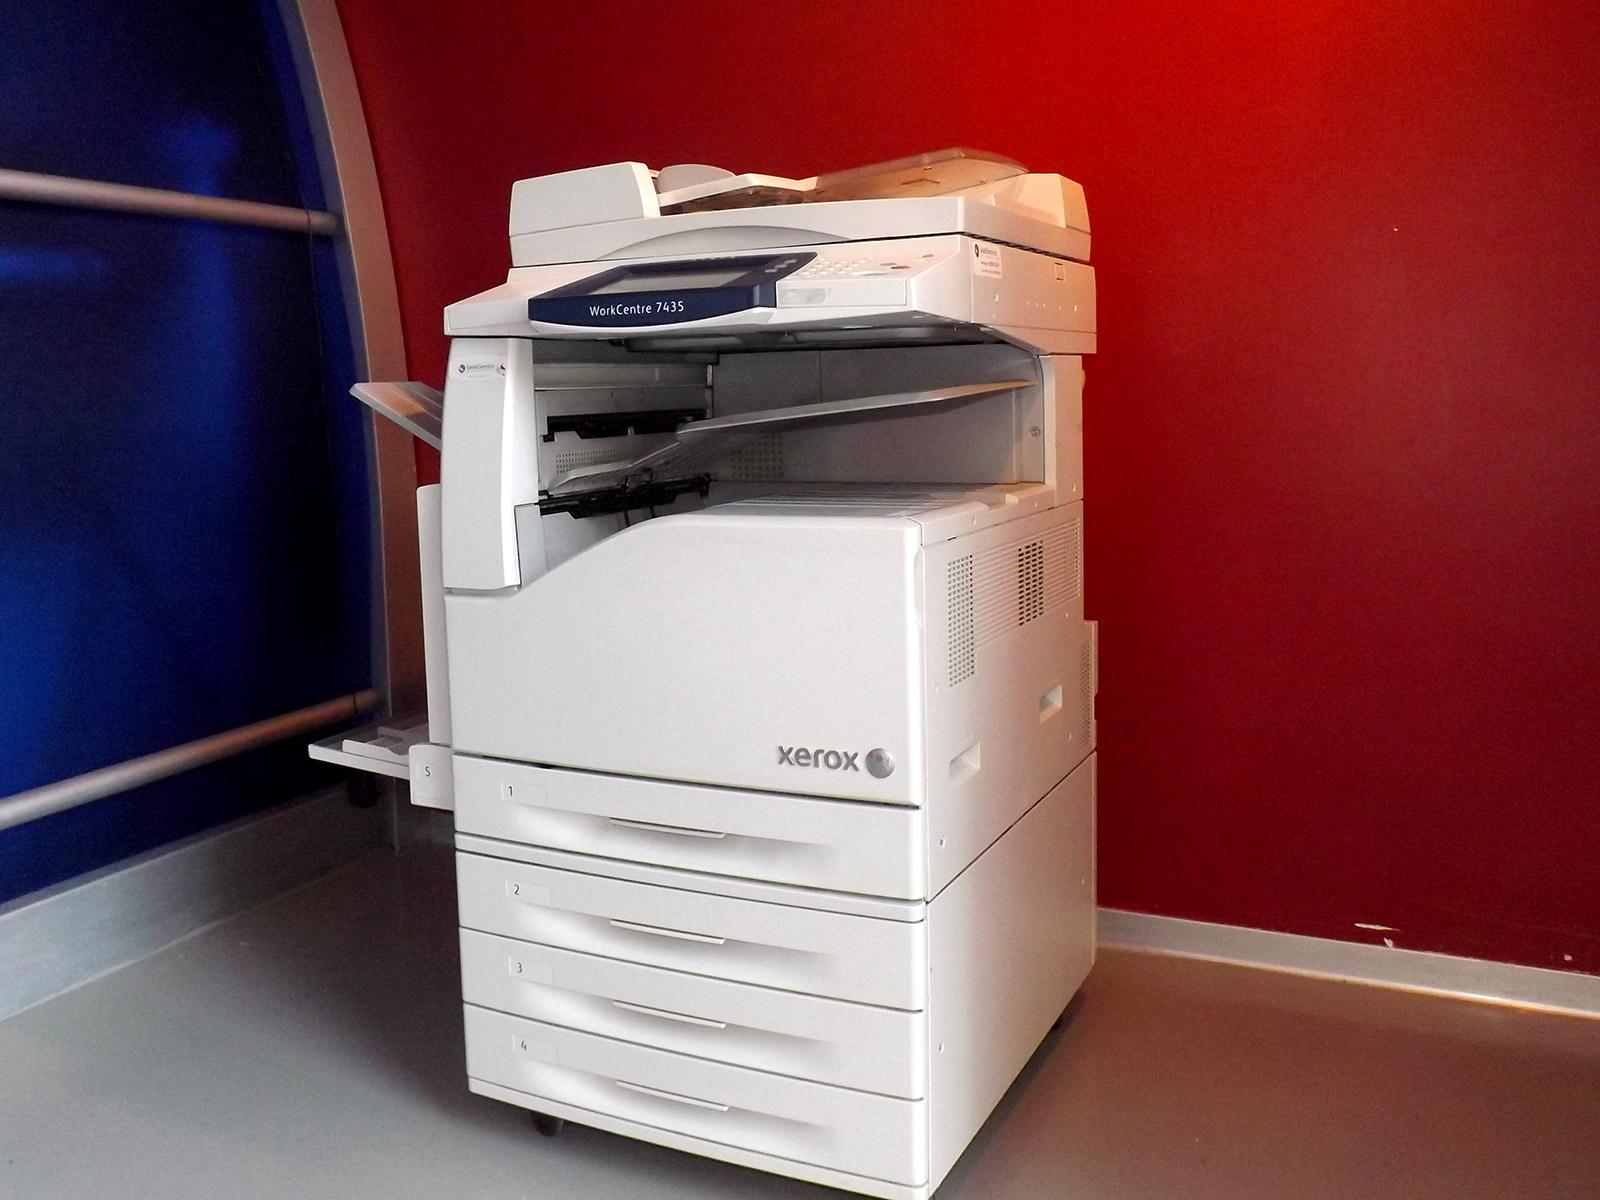 Xerox WorkCentre 7435 - Usato garantito - Lato